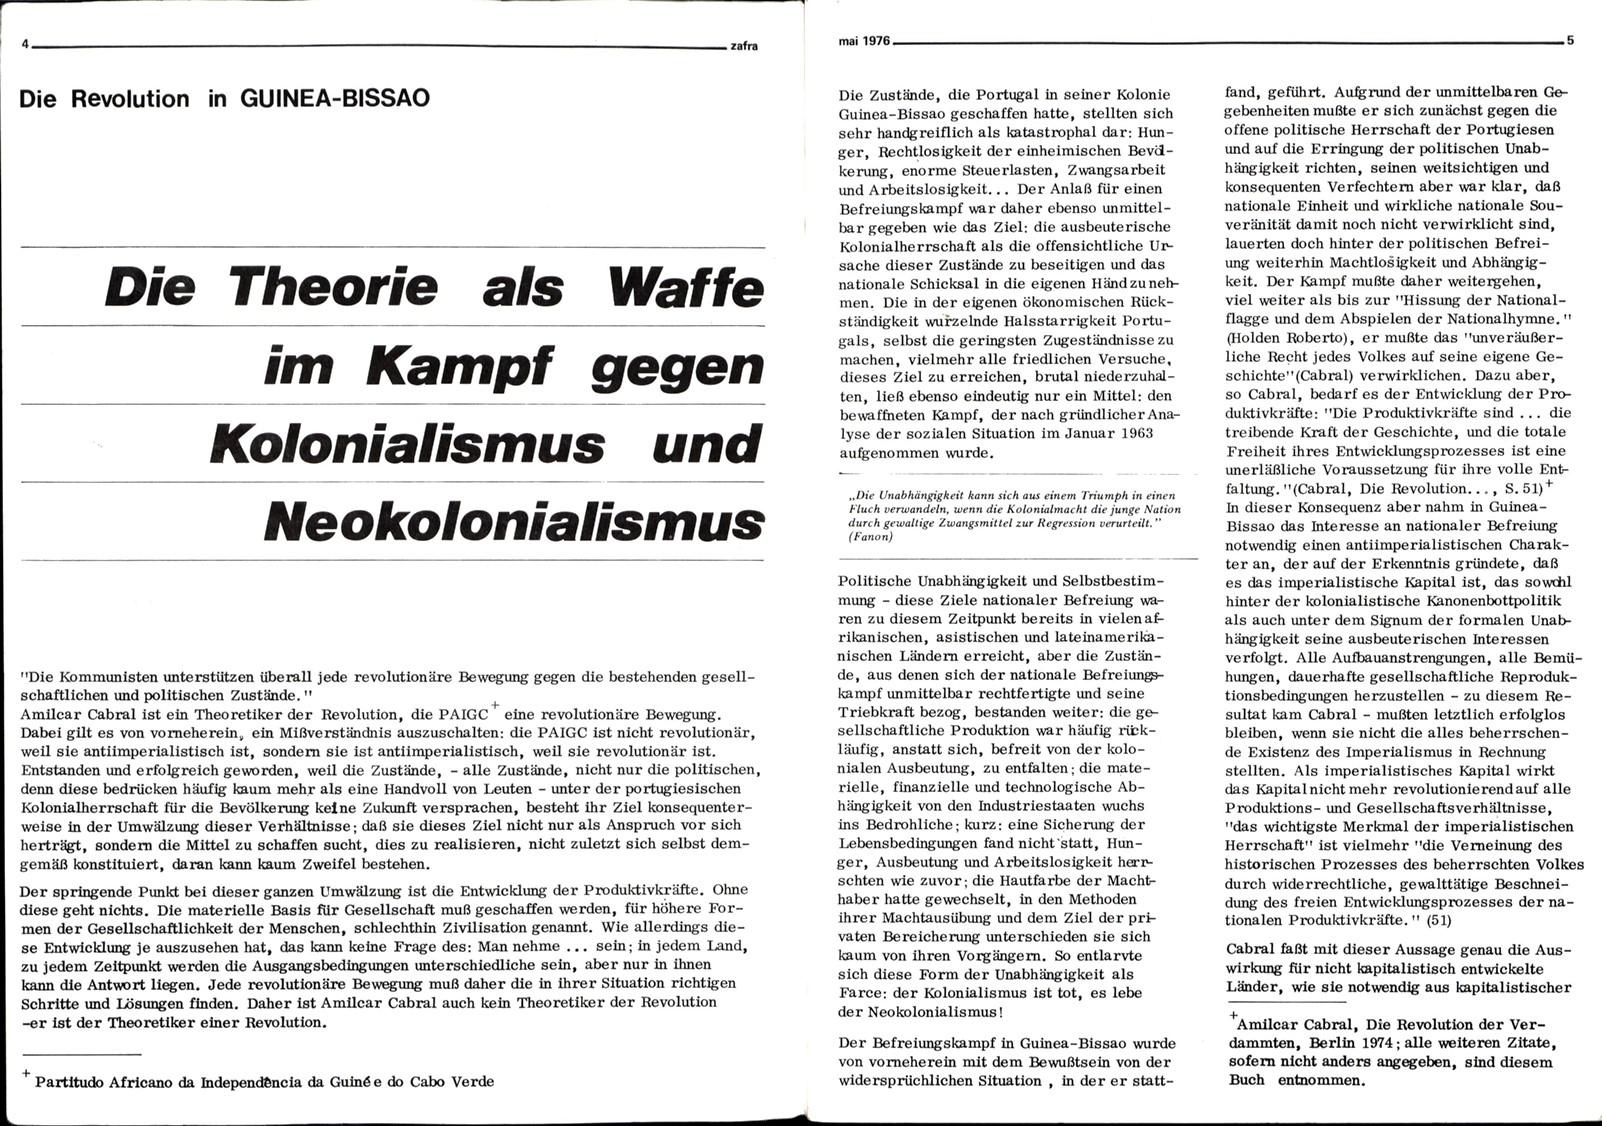 Bonn_ZAFRA_01_19760500_03